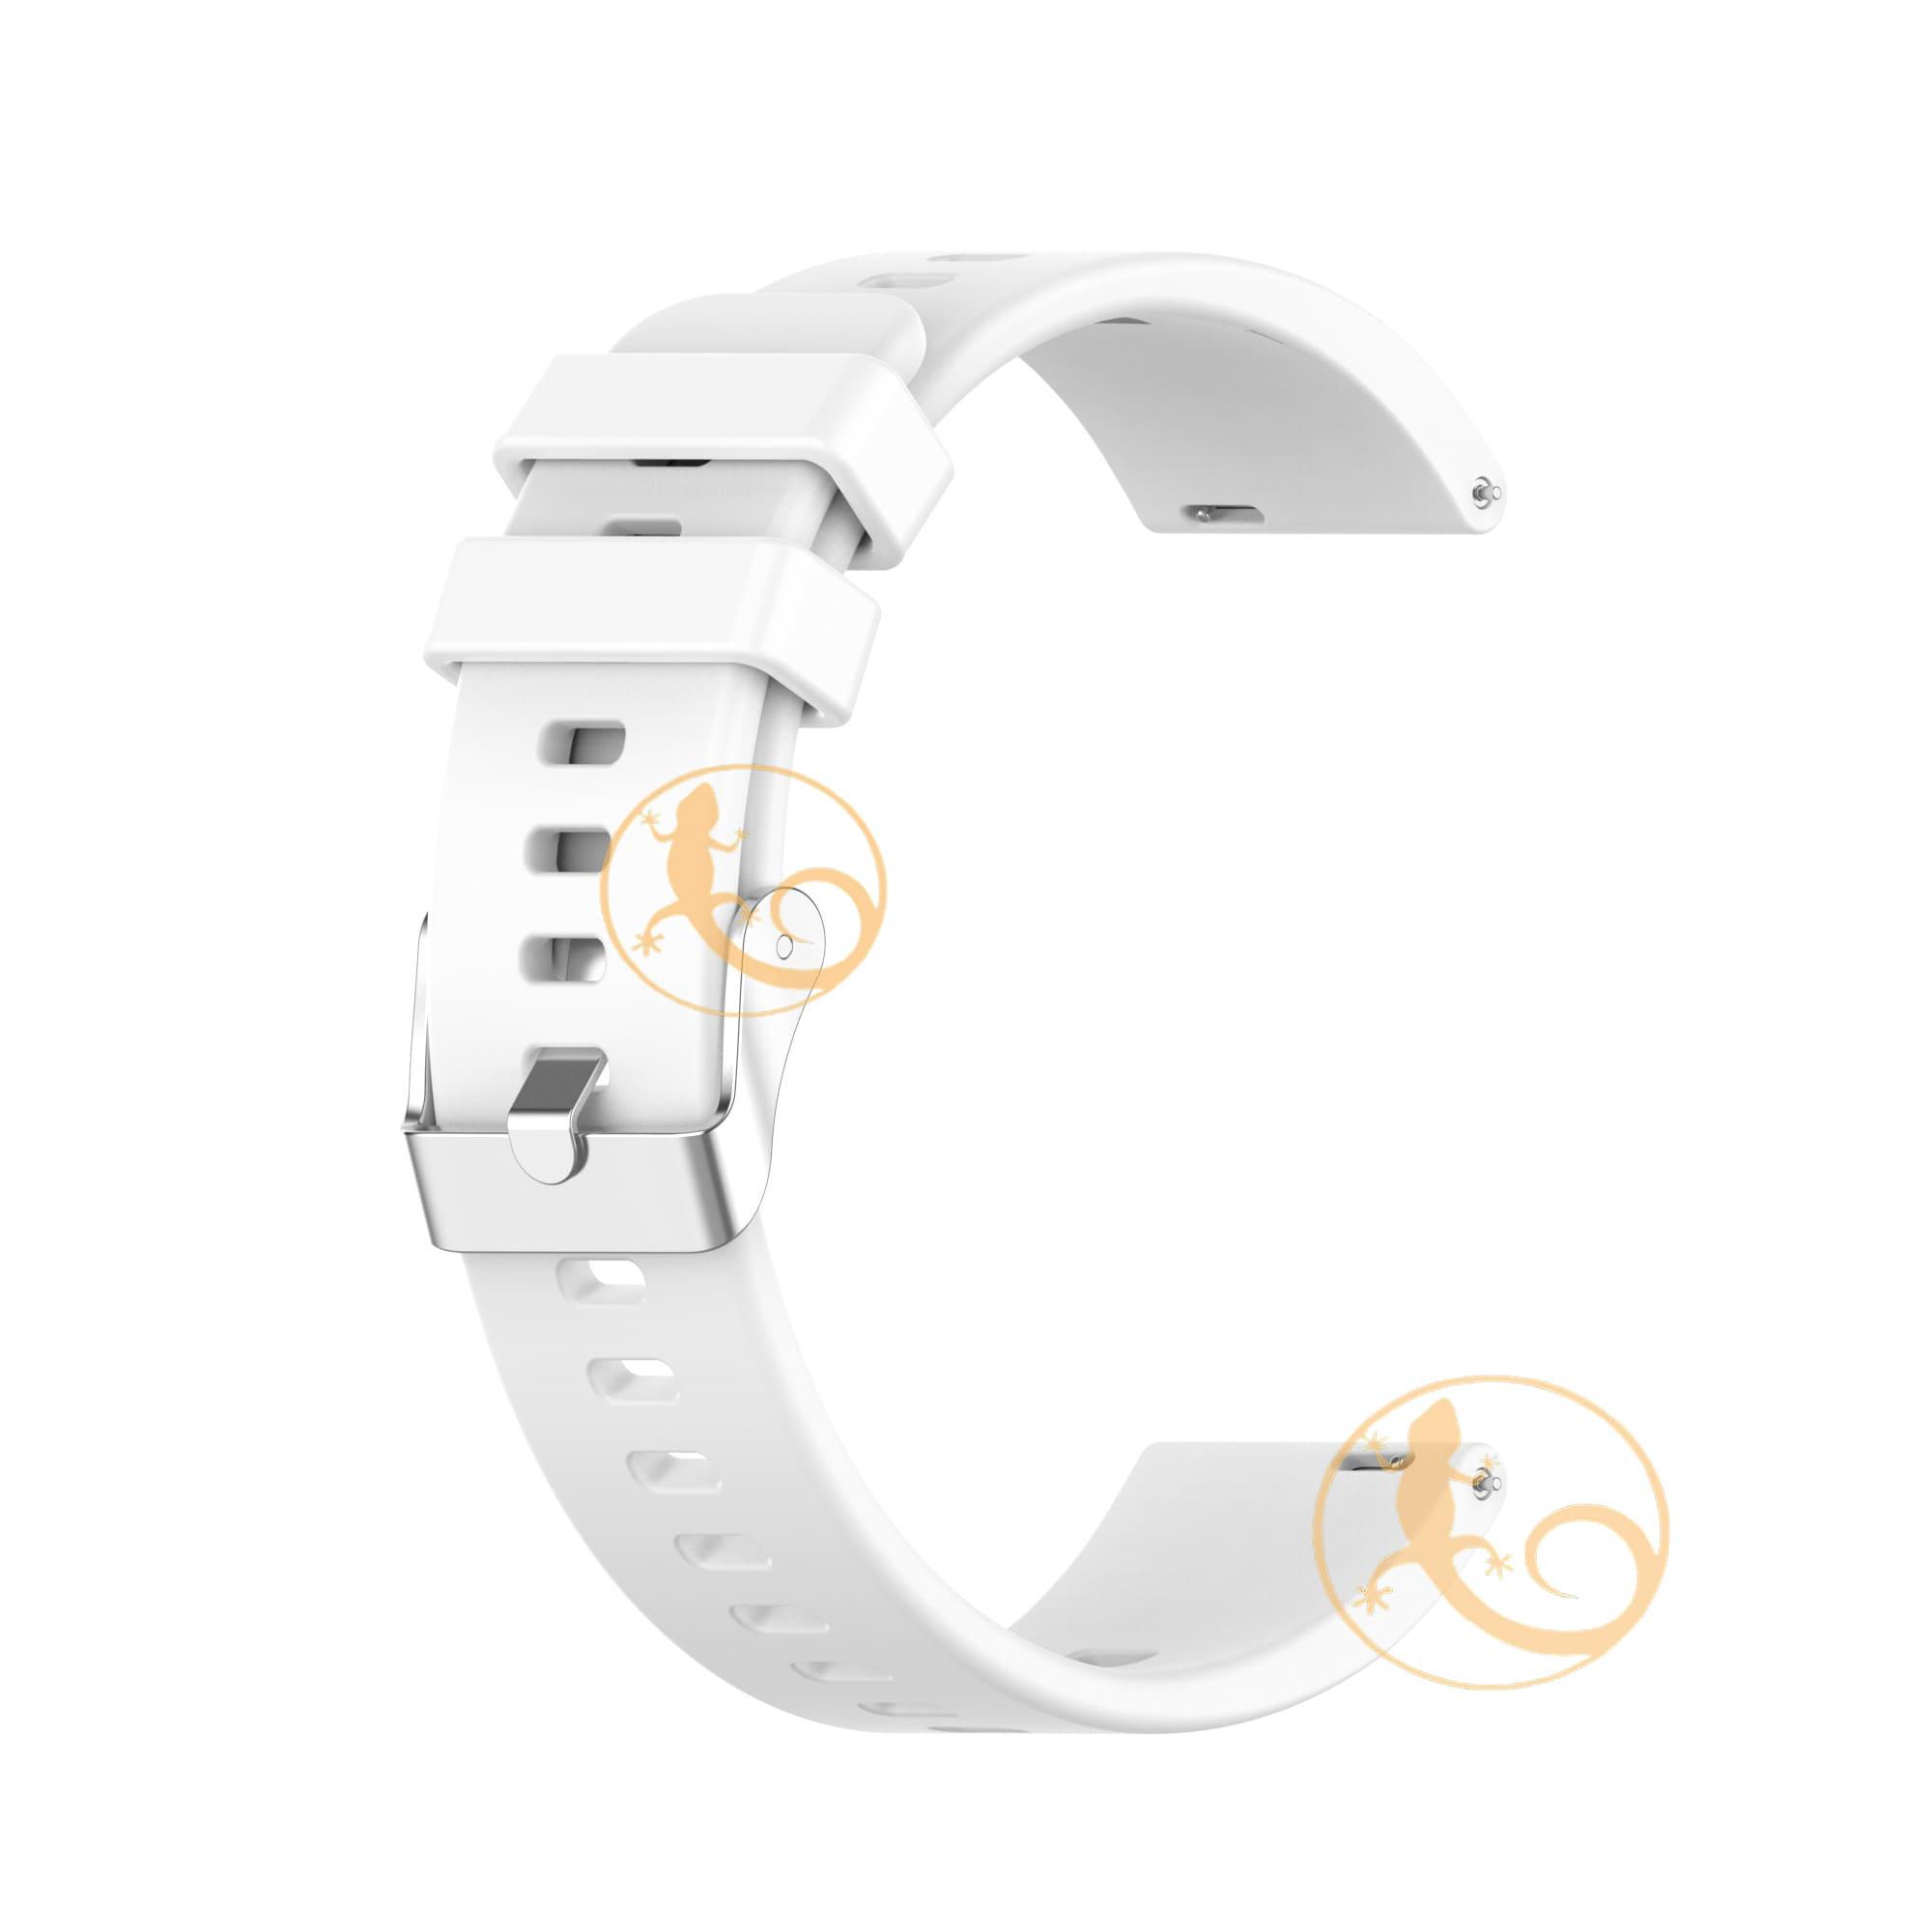 بند ساعت امیزفیت bip سفید